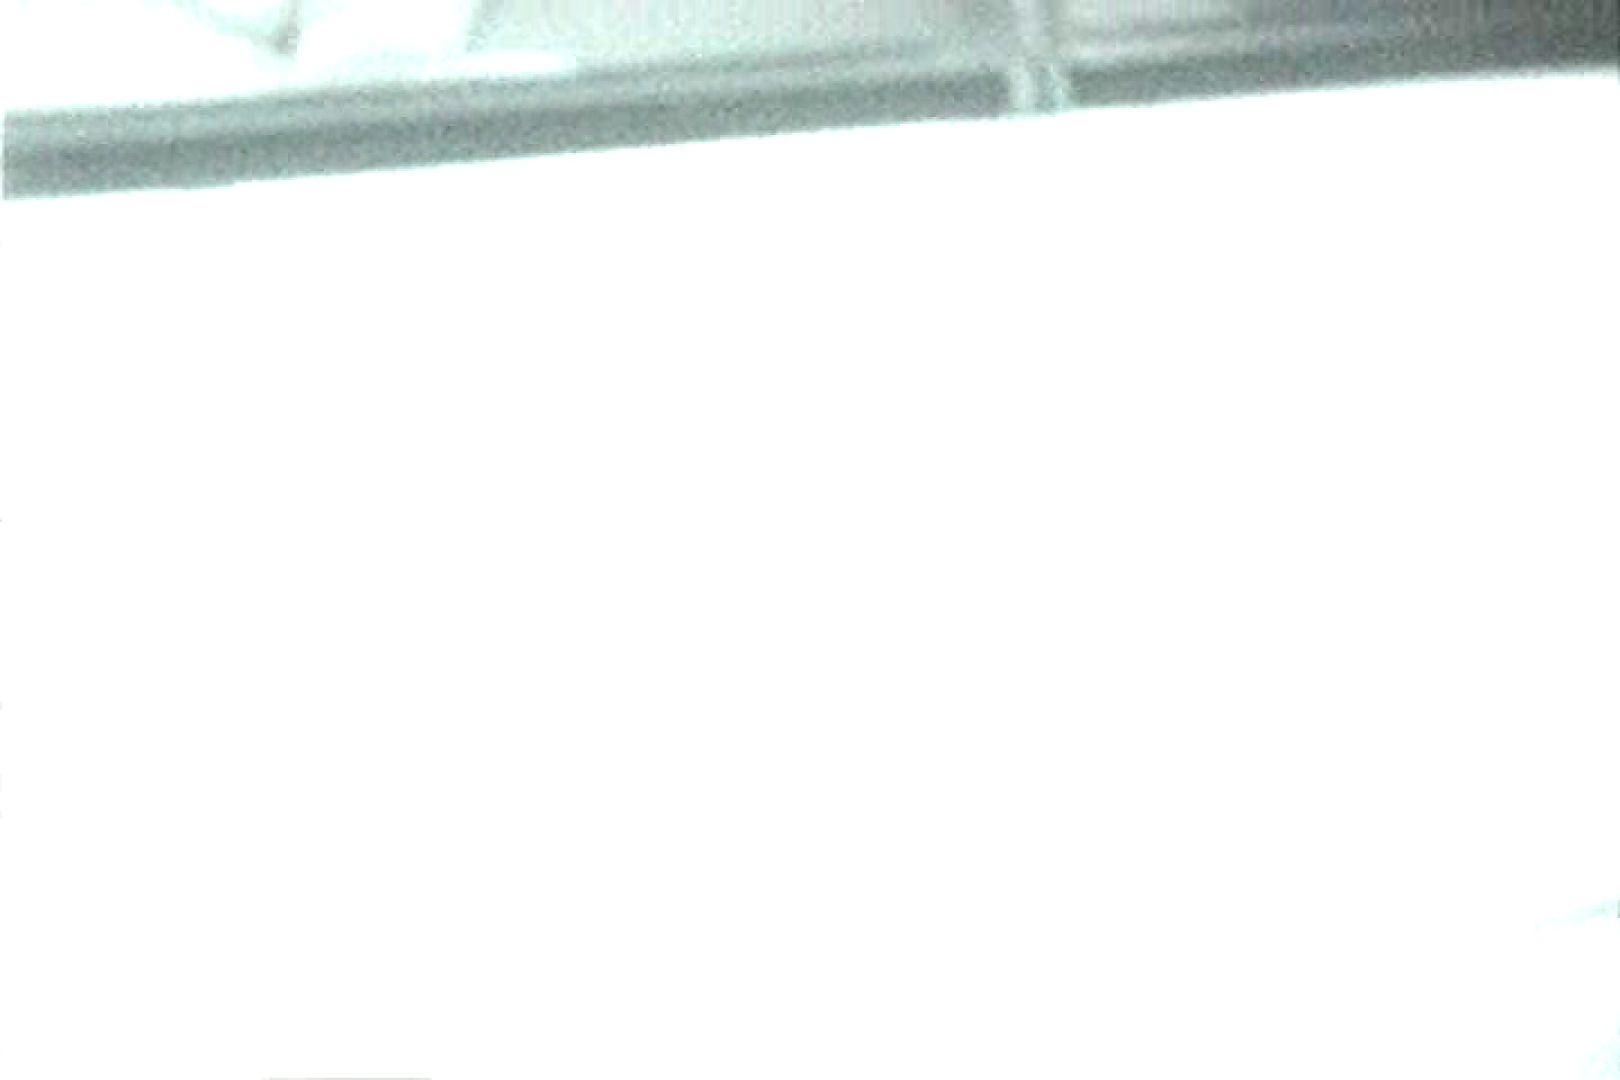 「充血監督」さんの深夜の運動会!! vol.027 カップルのセックス   マンコ特集  22連発 15